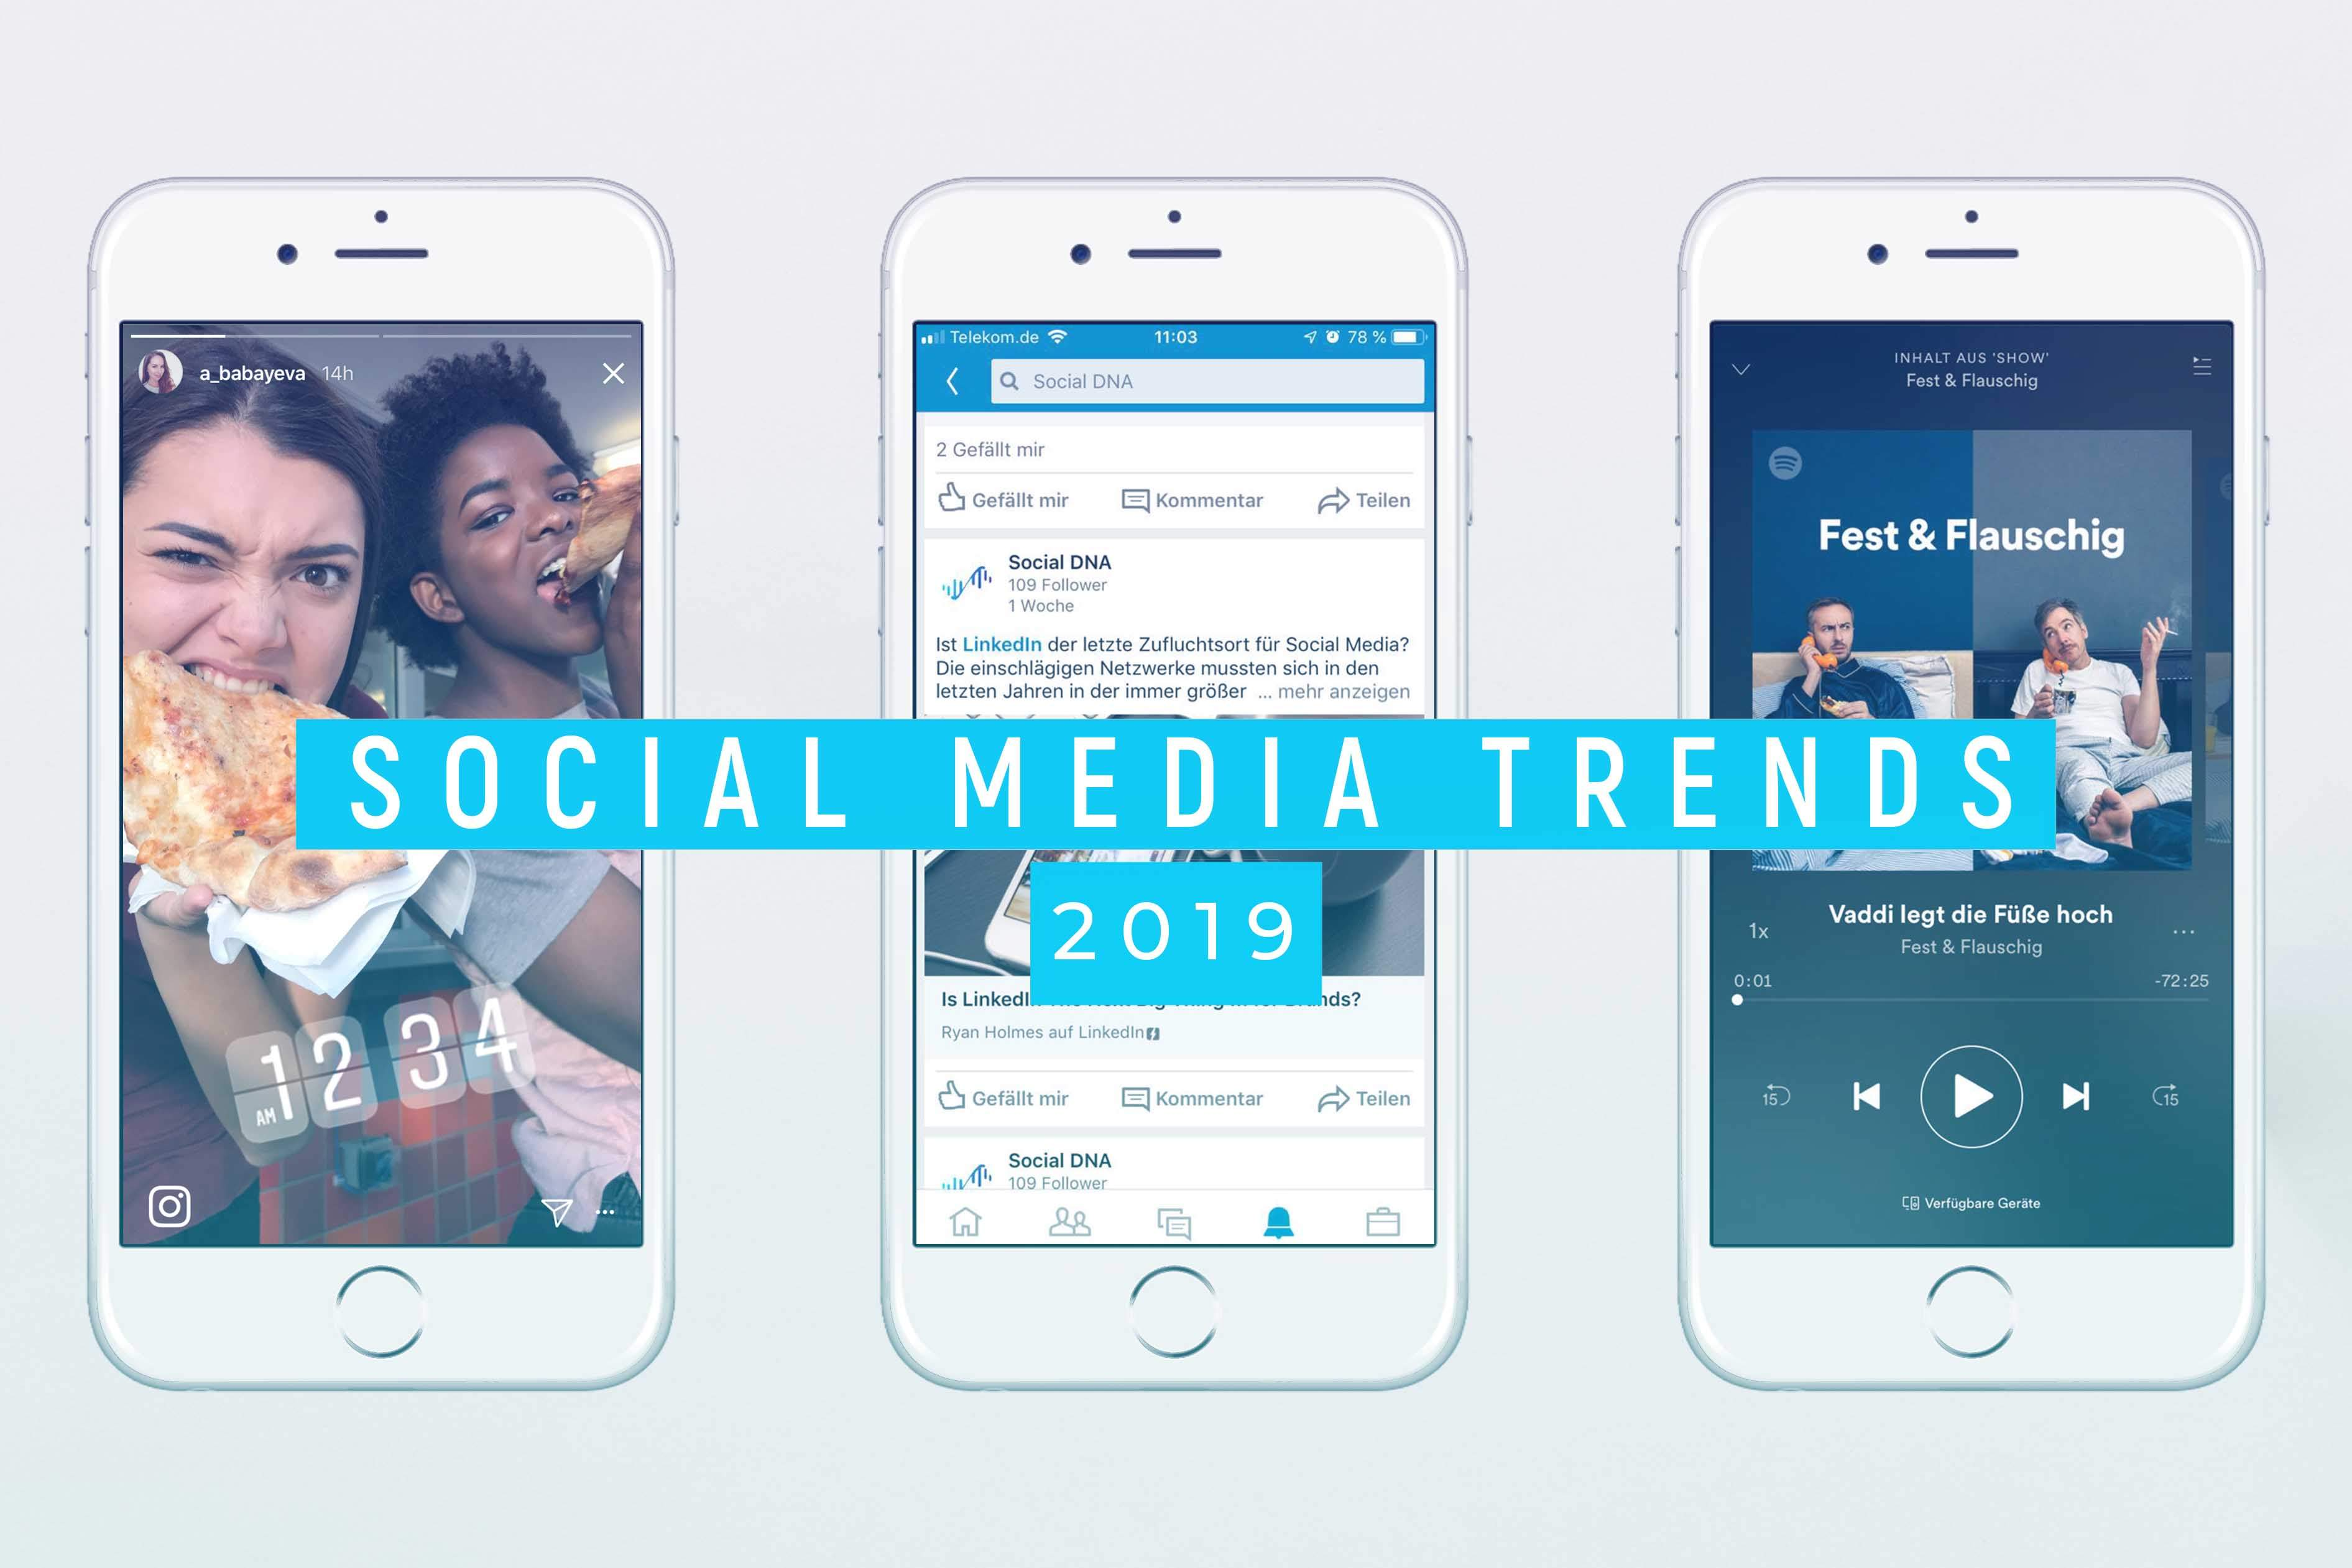 Social Media Trends 2019 - Social DNA Blog